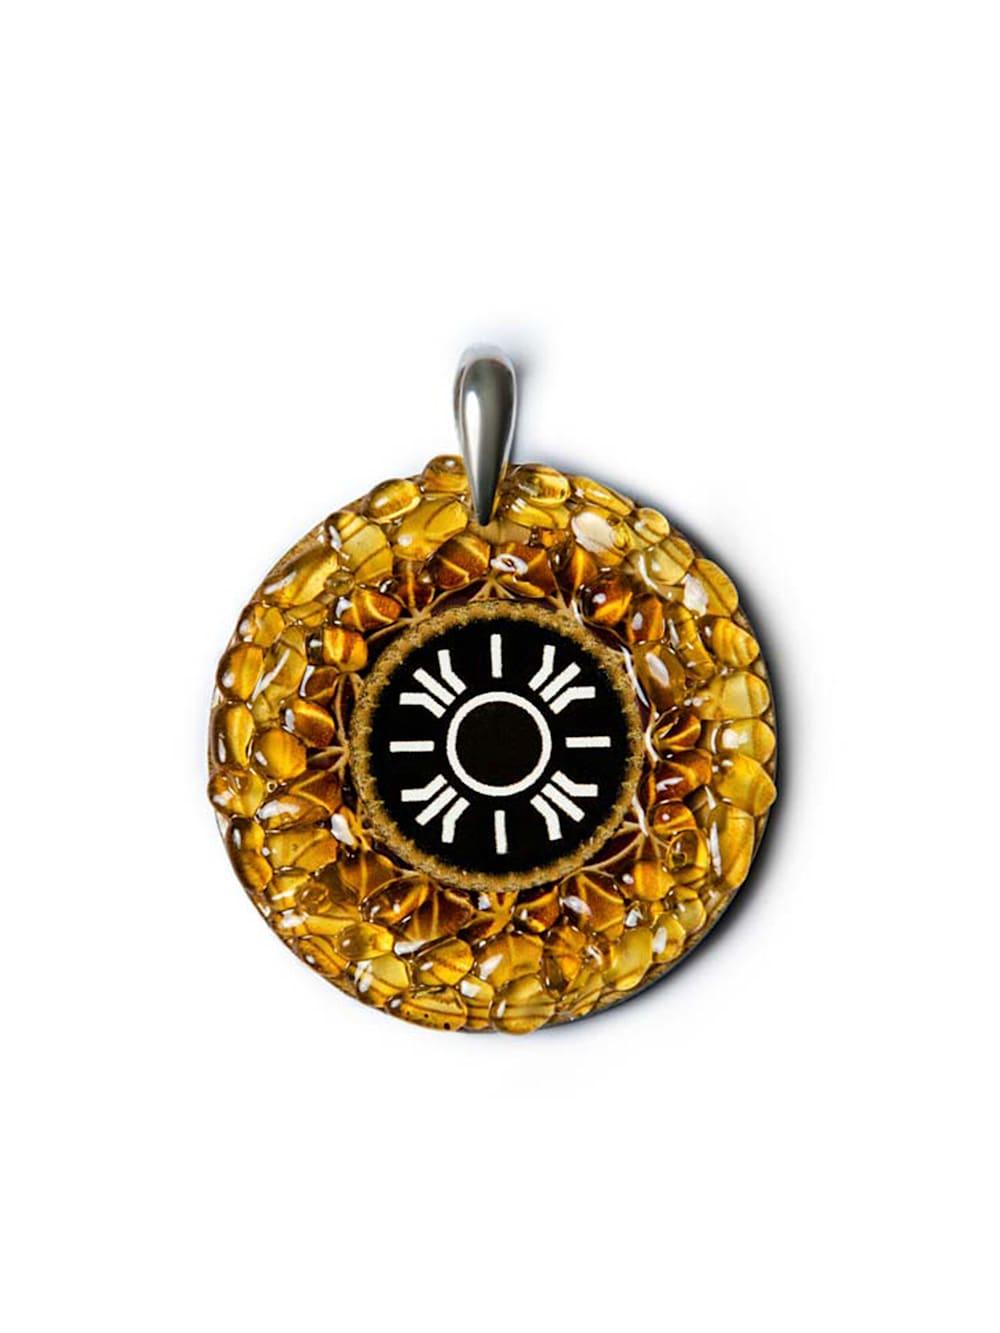 1001 Diamonds Anhänger Sonne 925 Sterling Silber Bernstein Amulett Talisman Licht Glück und Erfüllung   Klingel